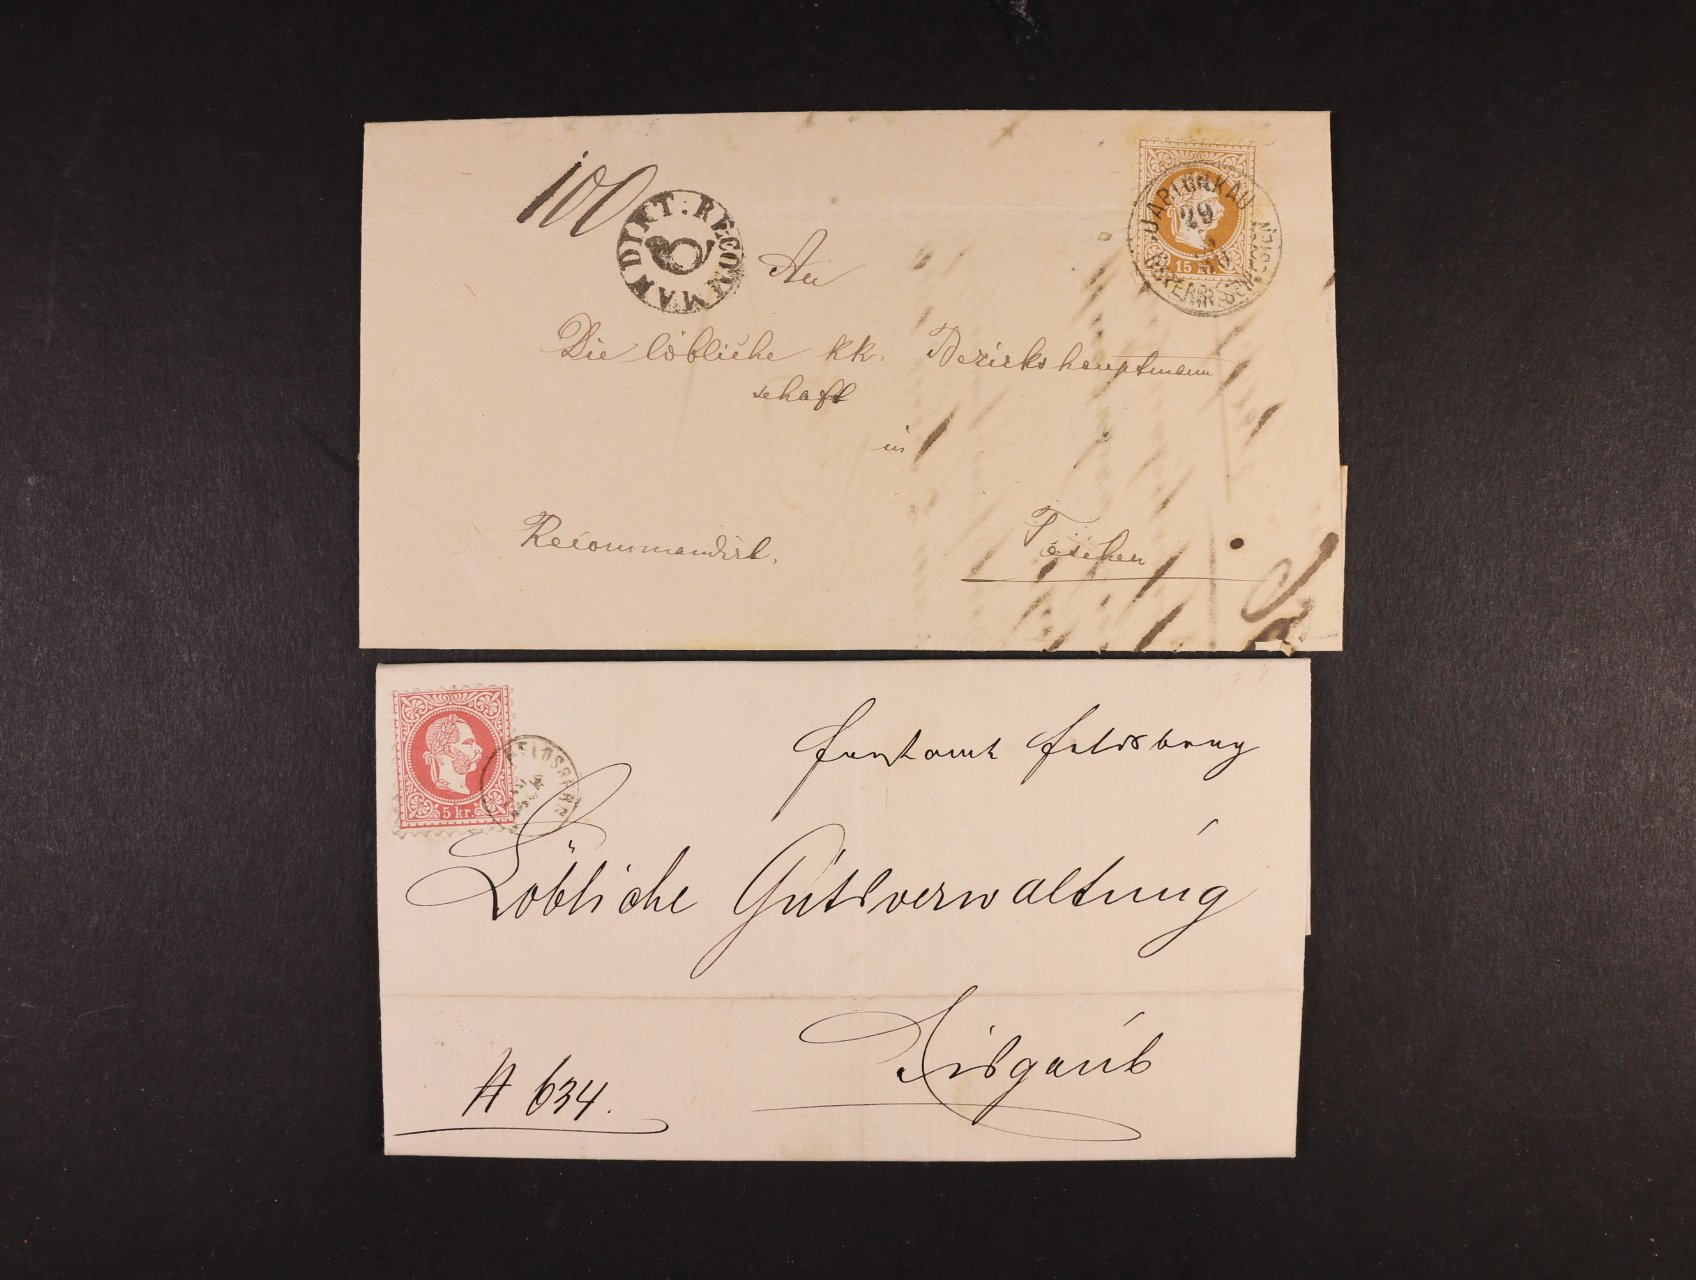 skl. dopis do Lednice z r. 1871 frank. zn. Fe. č. 37 I s náprstkovým raz. FELDSBERG, průch. raz. LUNDENBURG a modré přích. raz. EISGRUB + R-dopis z r. 1880 frank. zn. Fe. č. 39 II, pod. raz. JABLUNKAU 29.5.80 + kulaté příd. raz. RECOMMANDIRT s pošt. trubkou uprostřed, v horní části i přes zn. slabý registr. lom, přesto velmi zajímavé, vzácné